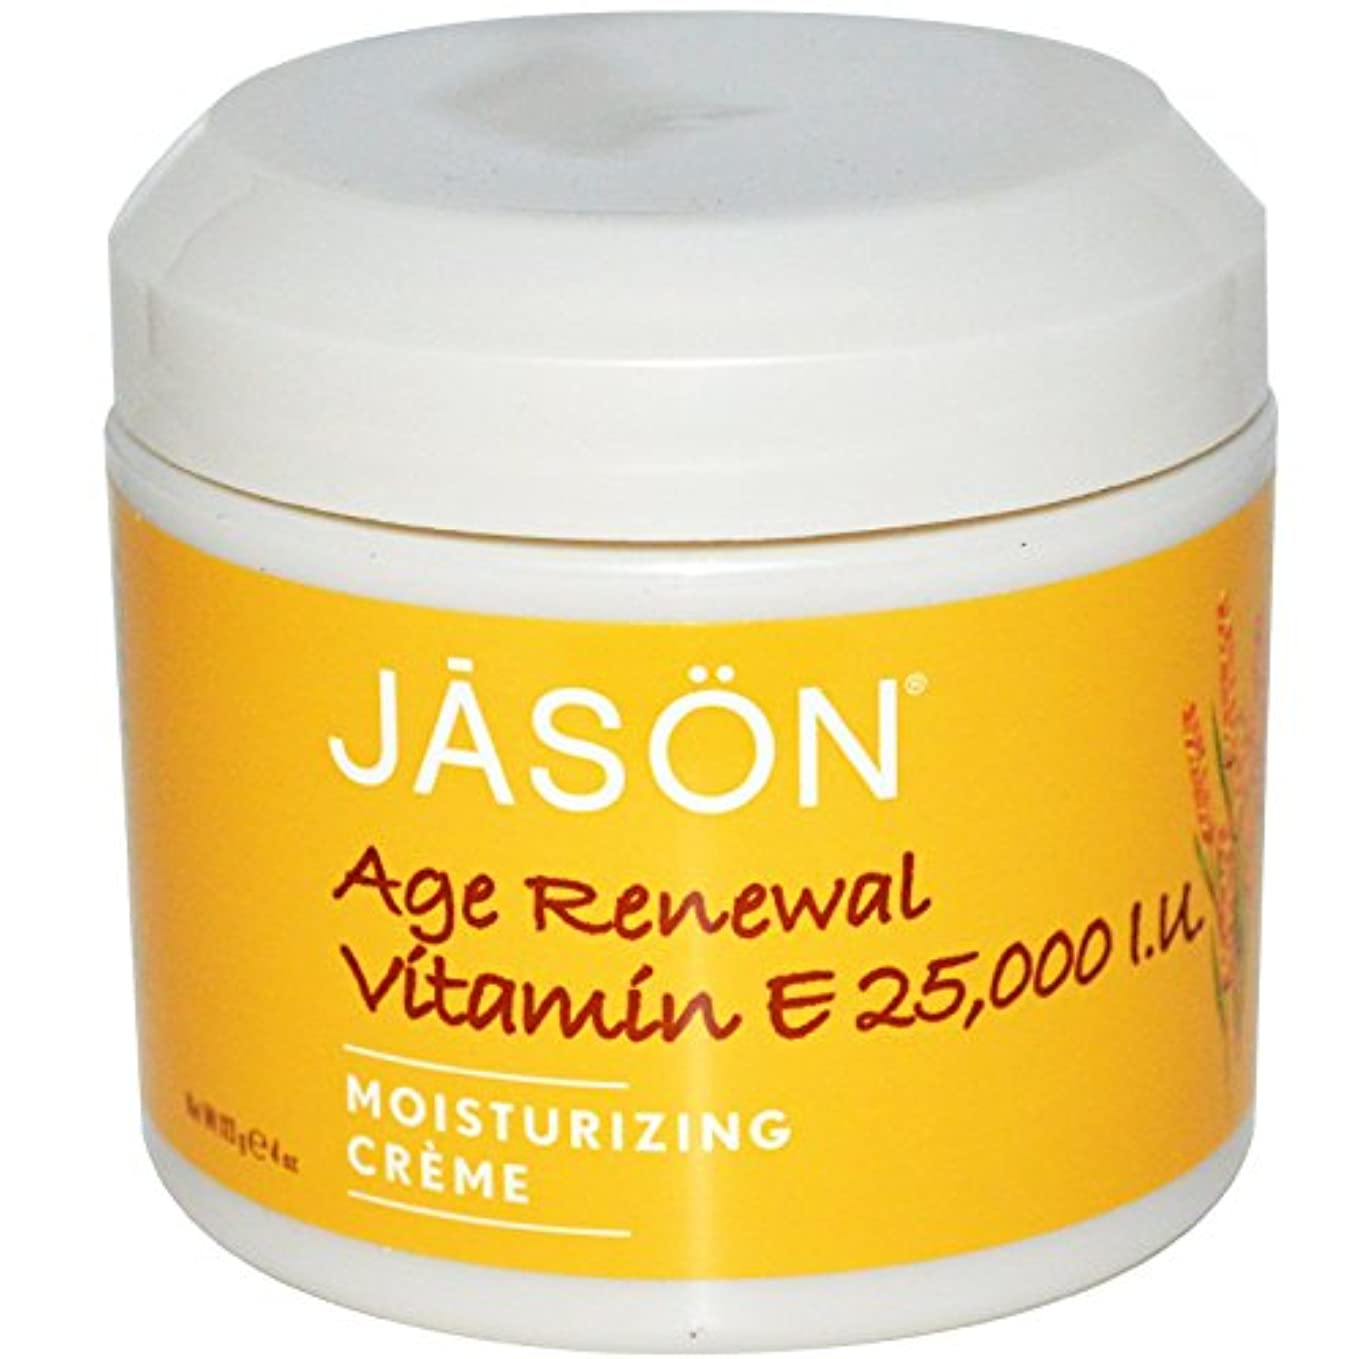 ジェイソンナチュラル(Jason Natural) エイジリニューアル ビタミンE クリーム  25,000 IU 113g [海外直送][並行輸入品]